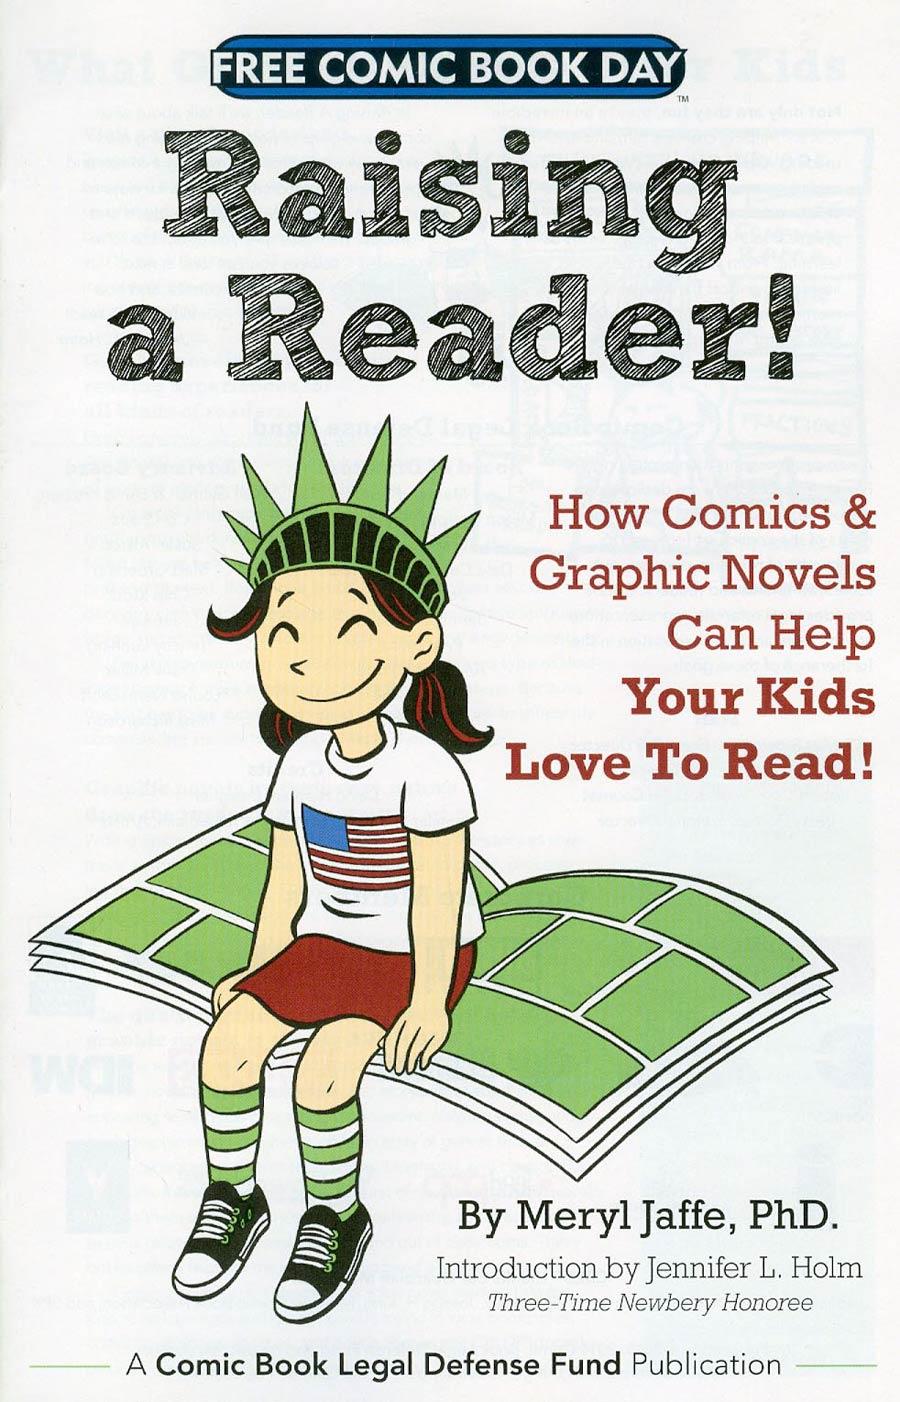 FCBD 2014 CBLDF Presents Raising A Reader